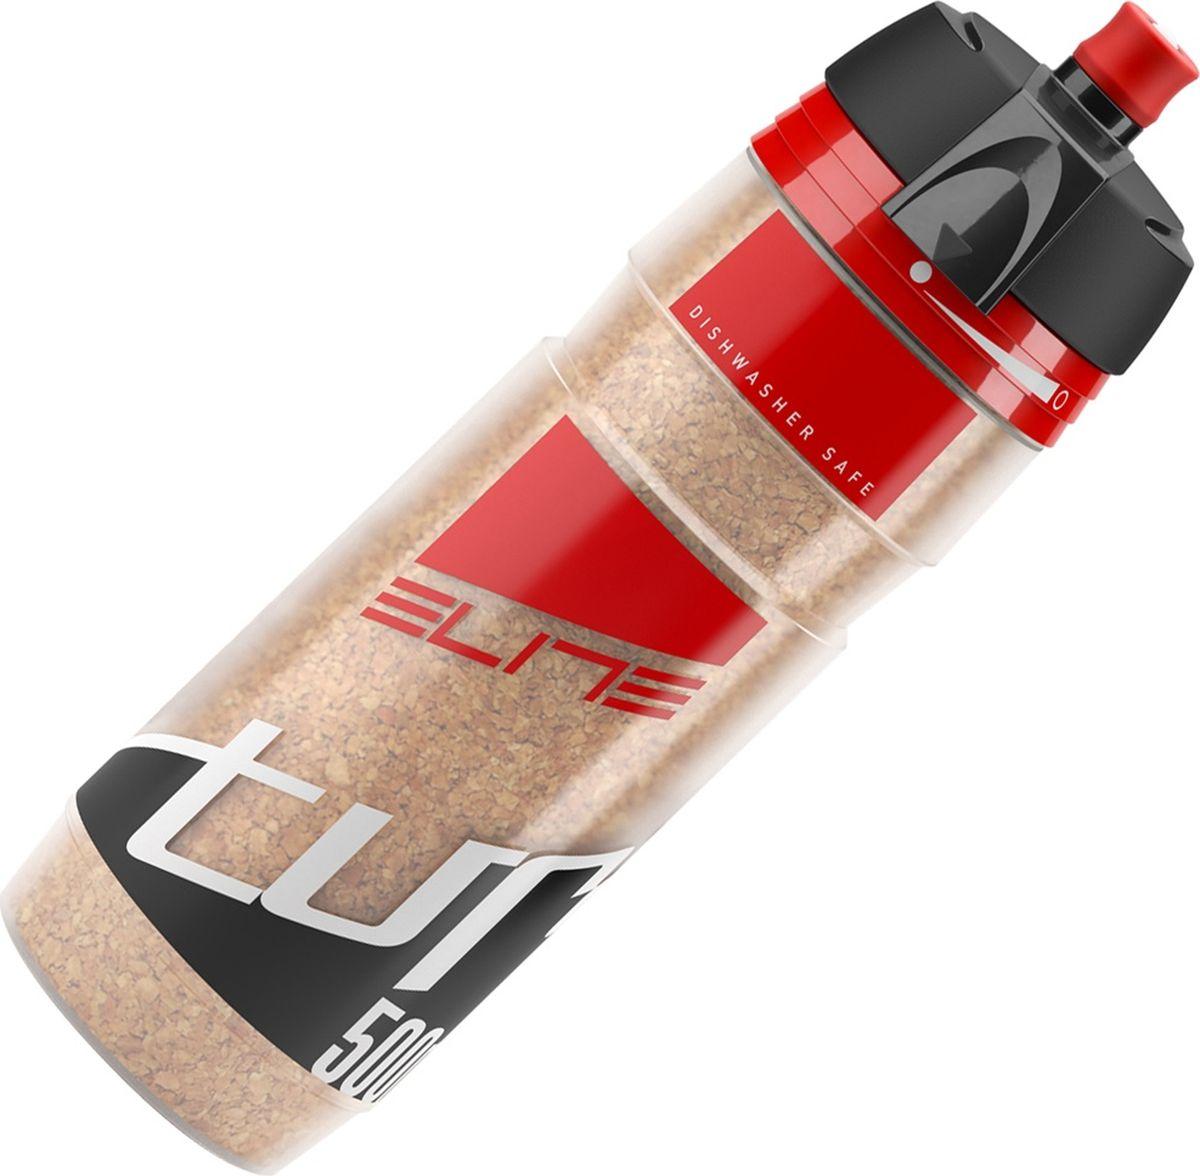 Фляга велосипедная Elite Turacio, цвет: красный, 500 млEL0141305Фляга 500 мл Turacio, термо-3 ч, мембранный клапан, наполнитель из пробкового дерева, красный